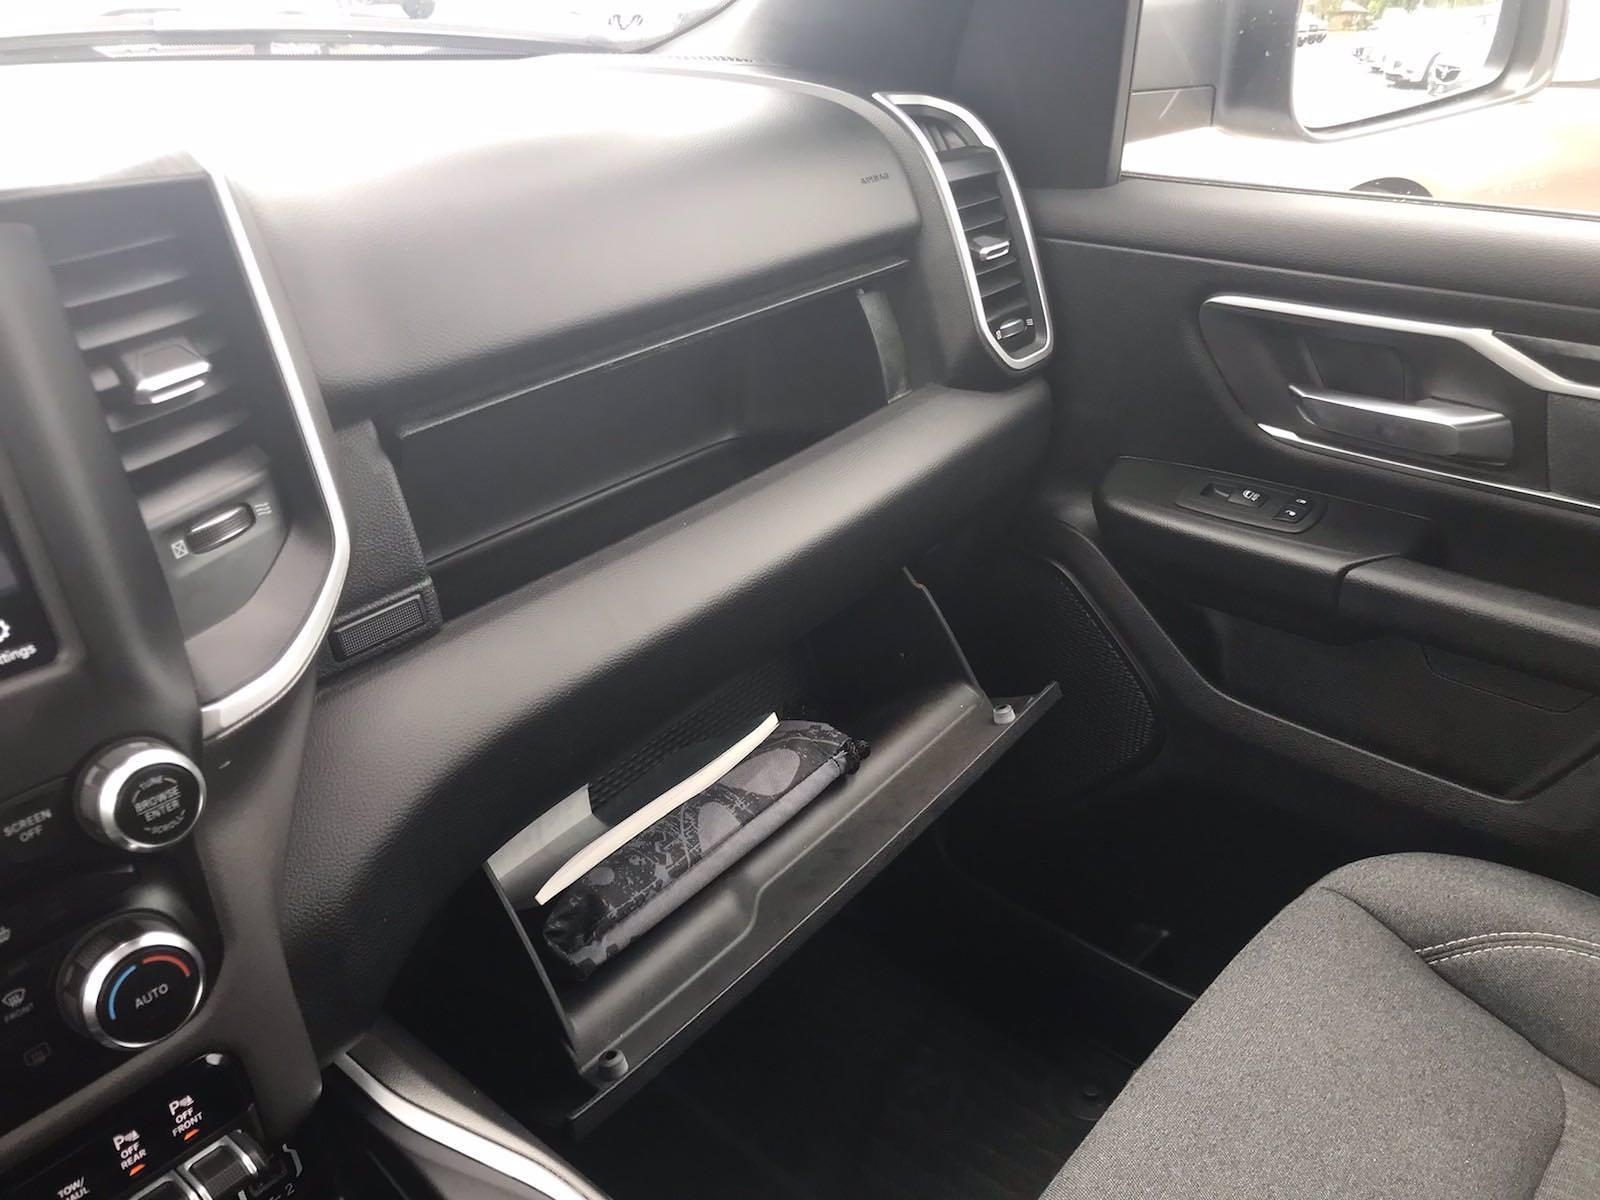 2020 Ram 1500 Quad Cab 4x4, Pickup #216911A - photo 35